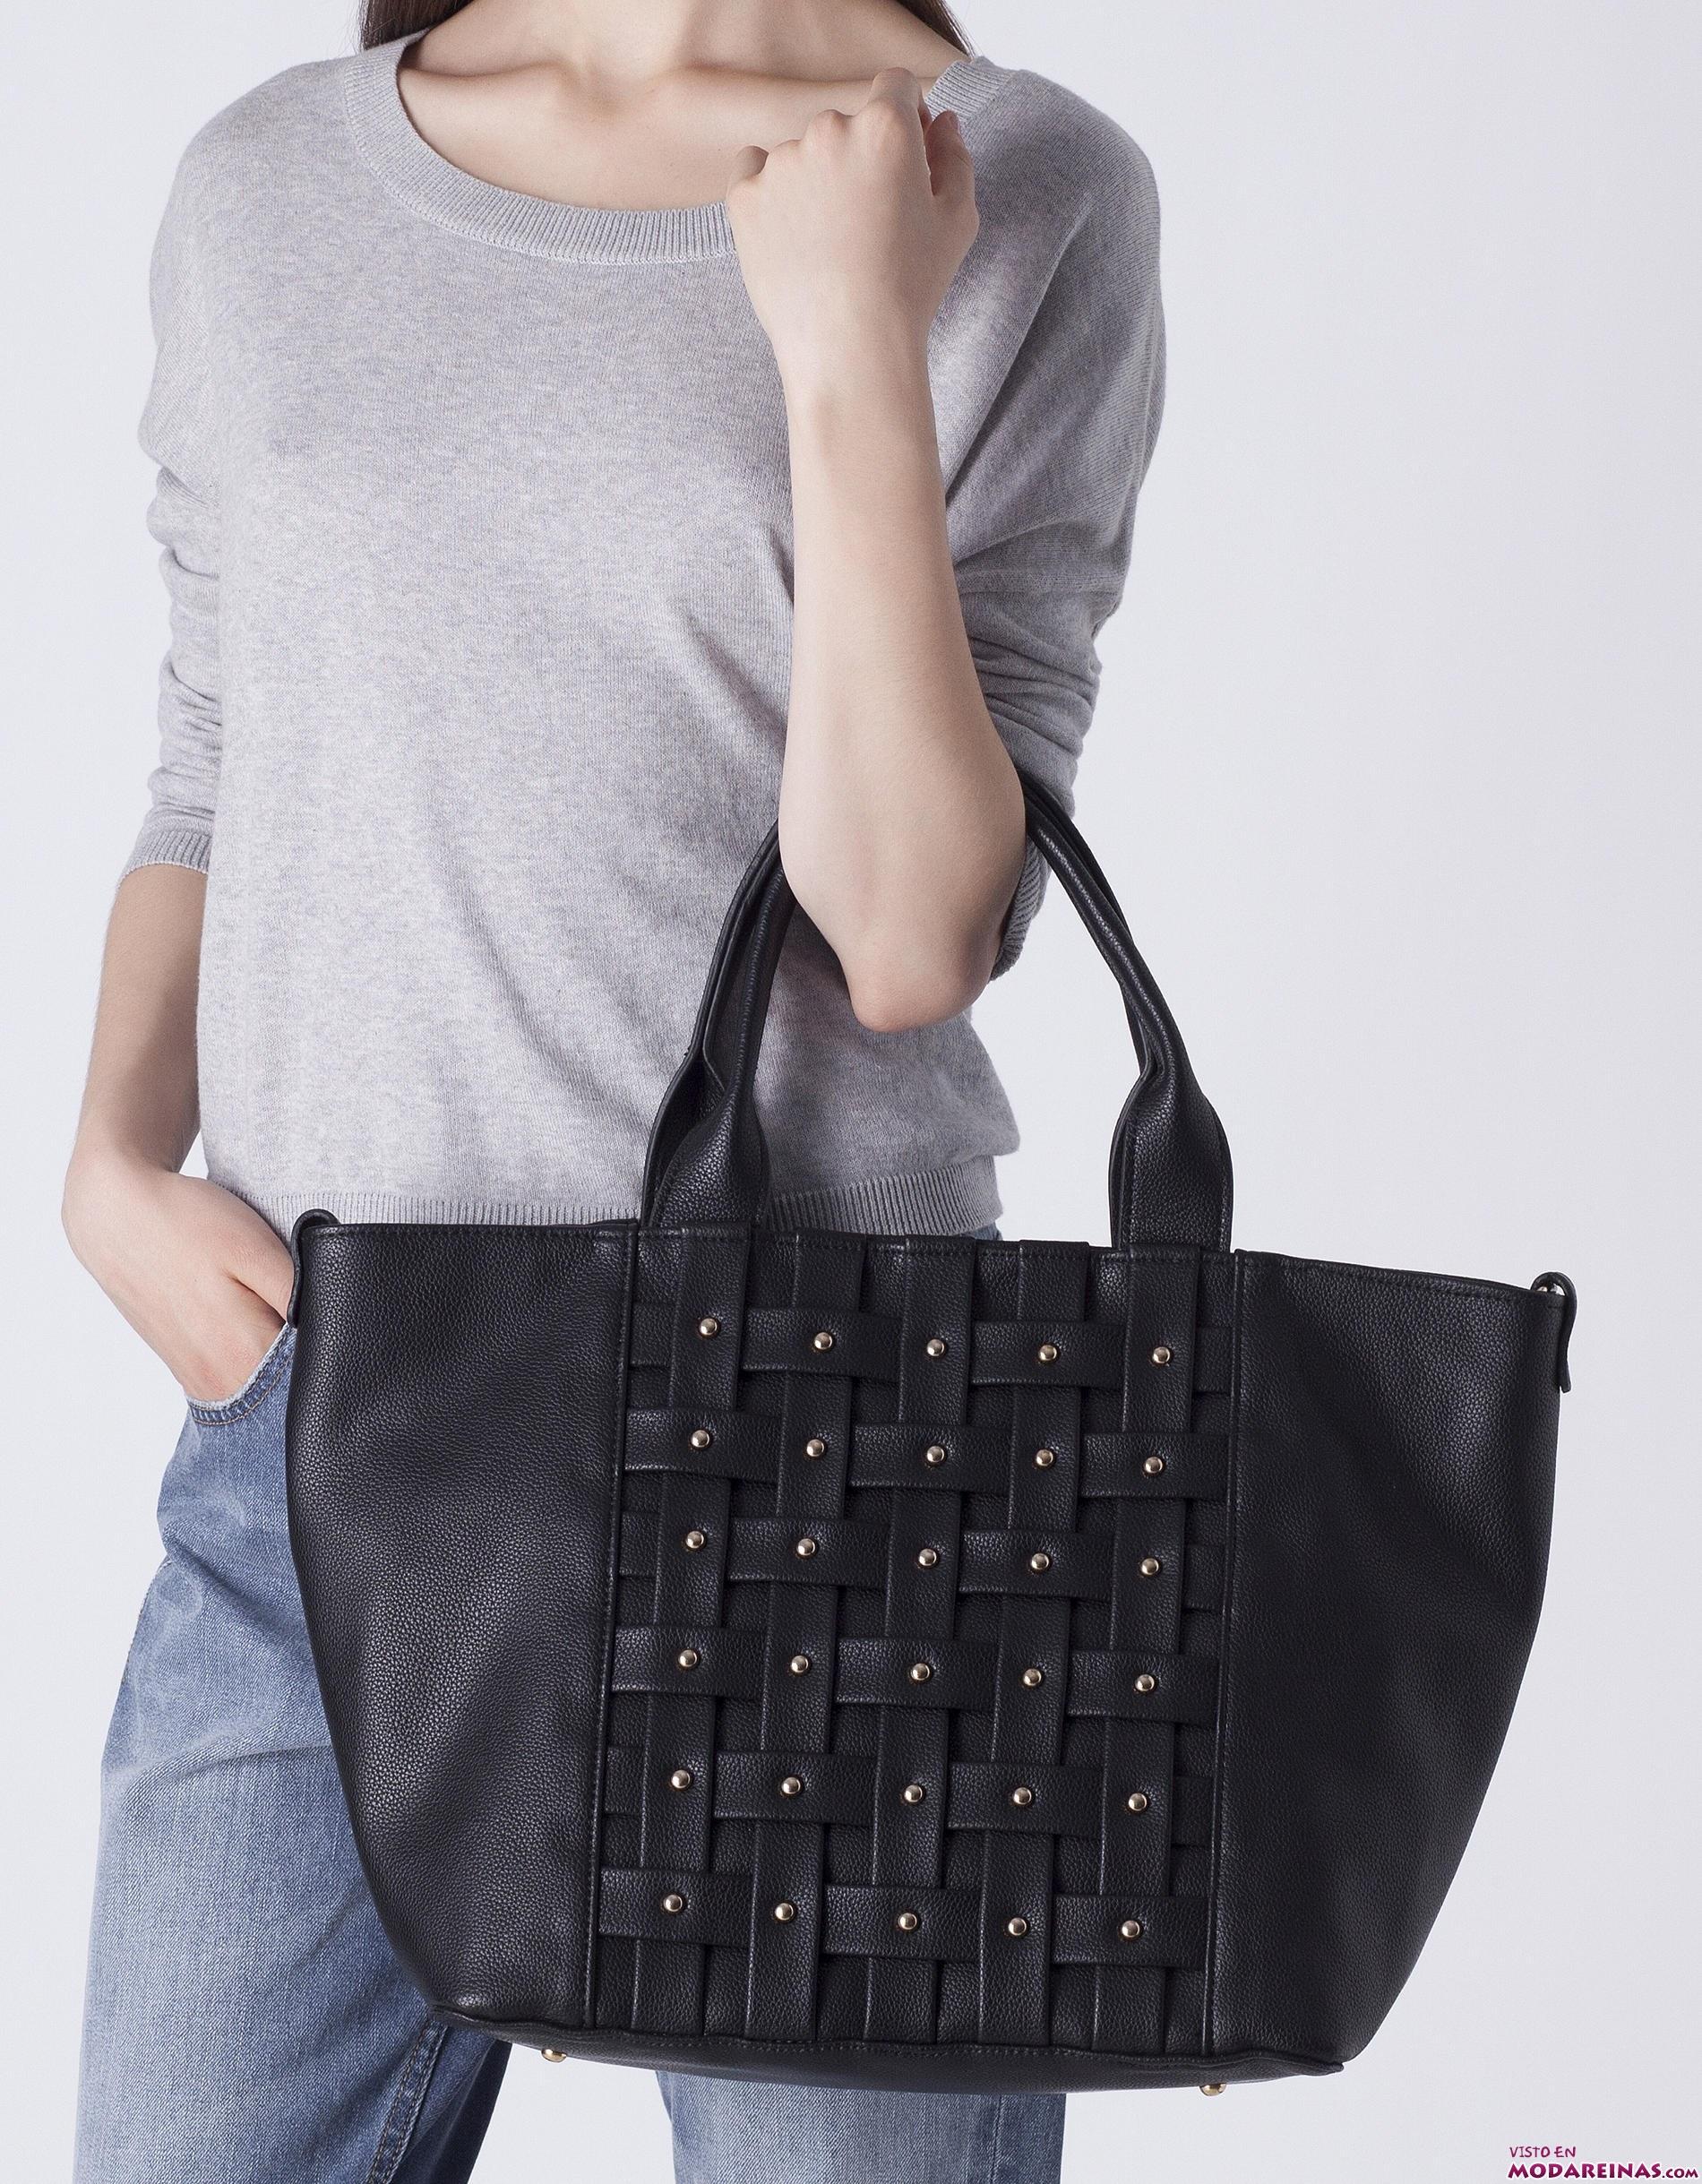 bolso negro con tachas